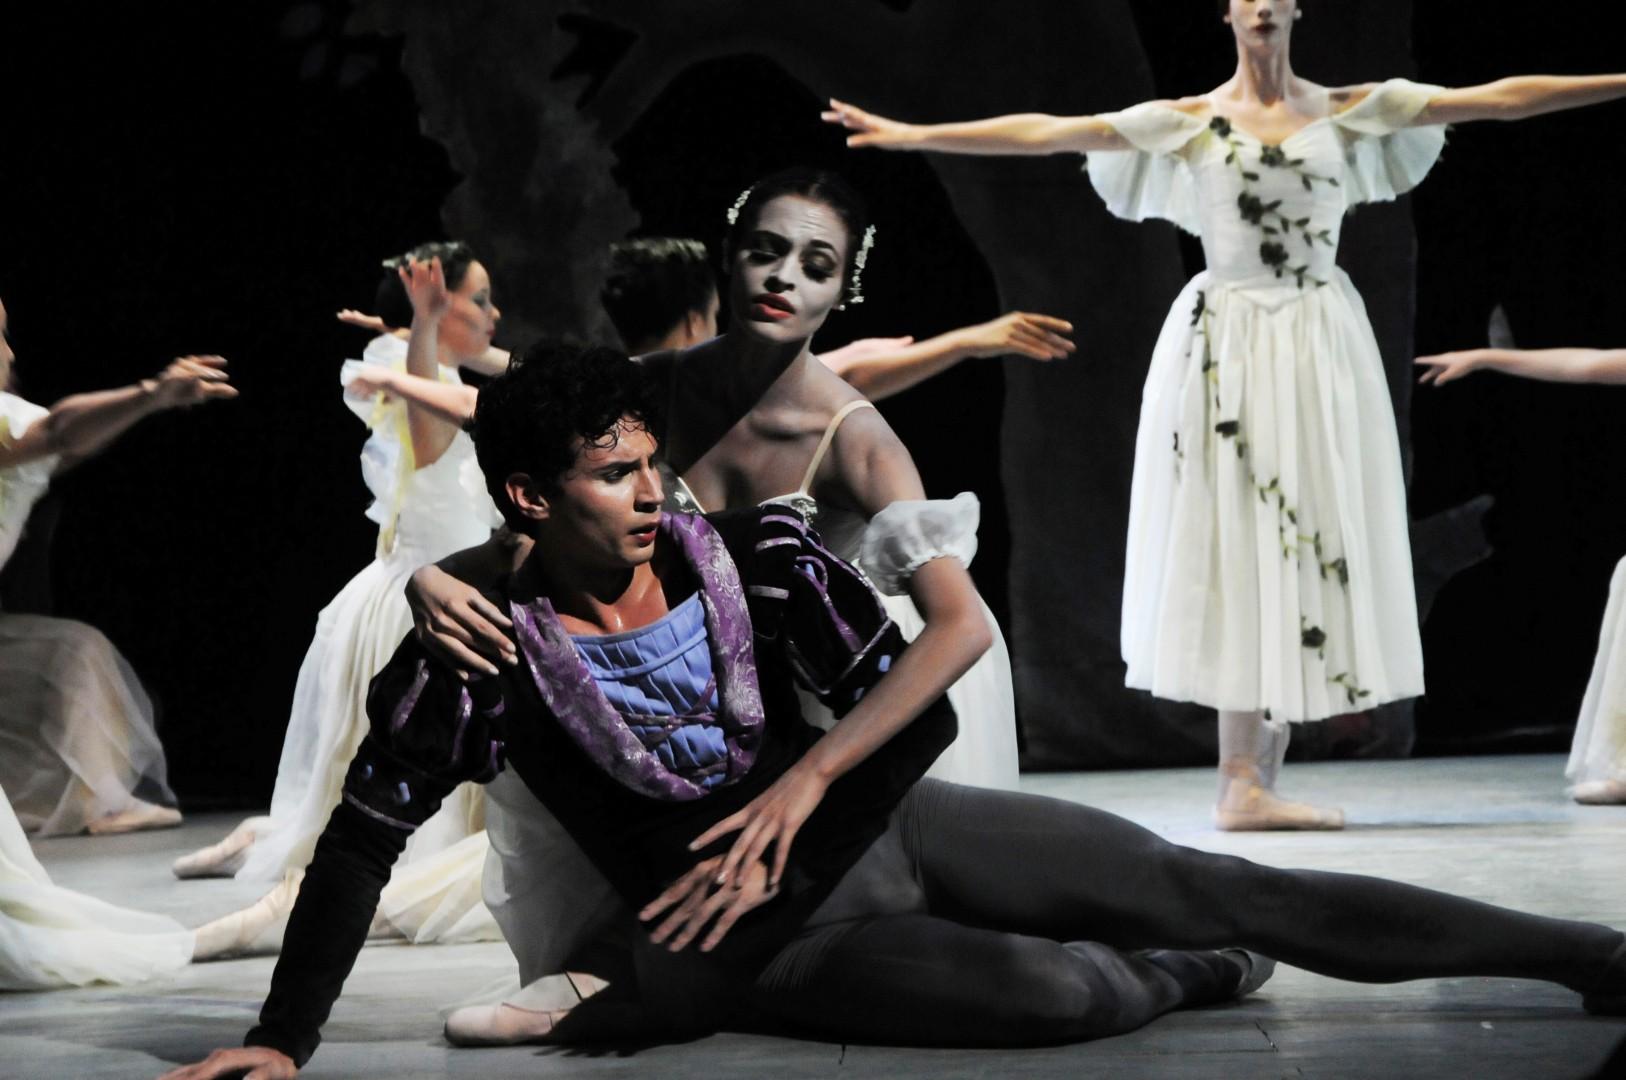 Por segunda ocasión el Ballet de Camagüey actúa en Sancti Spíritus. (Foto: Vicente Brito/ Escambray)